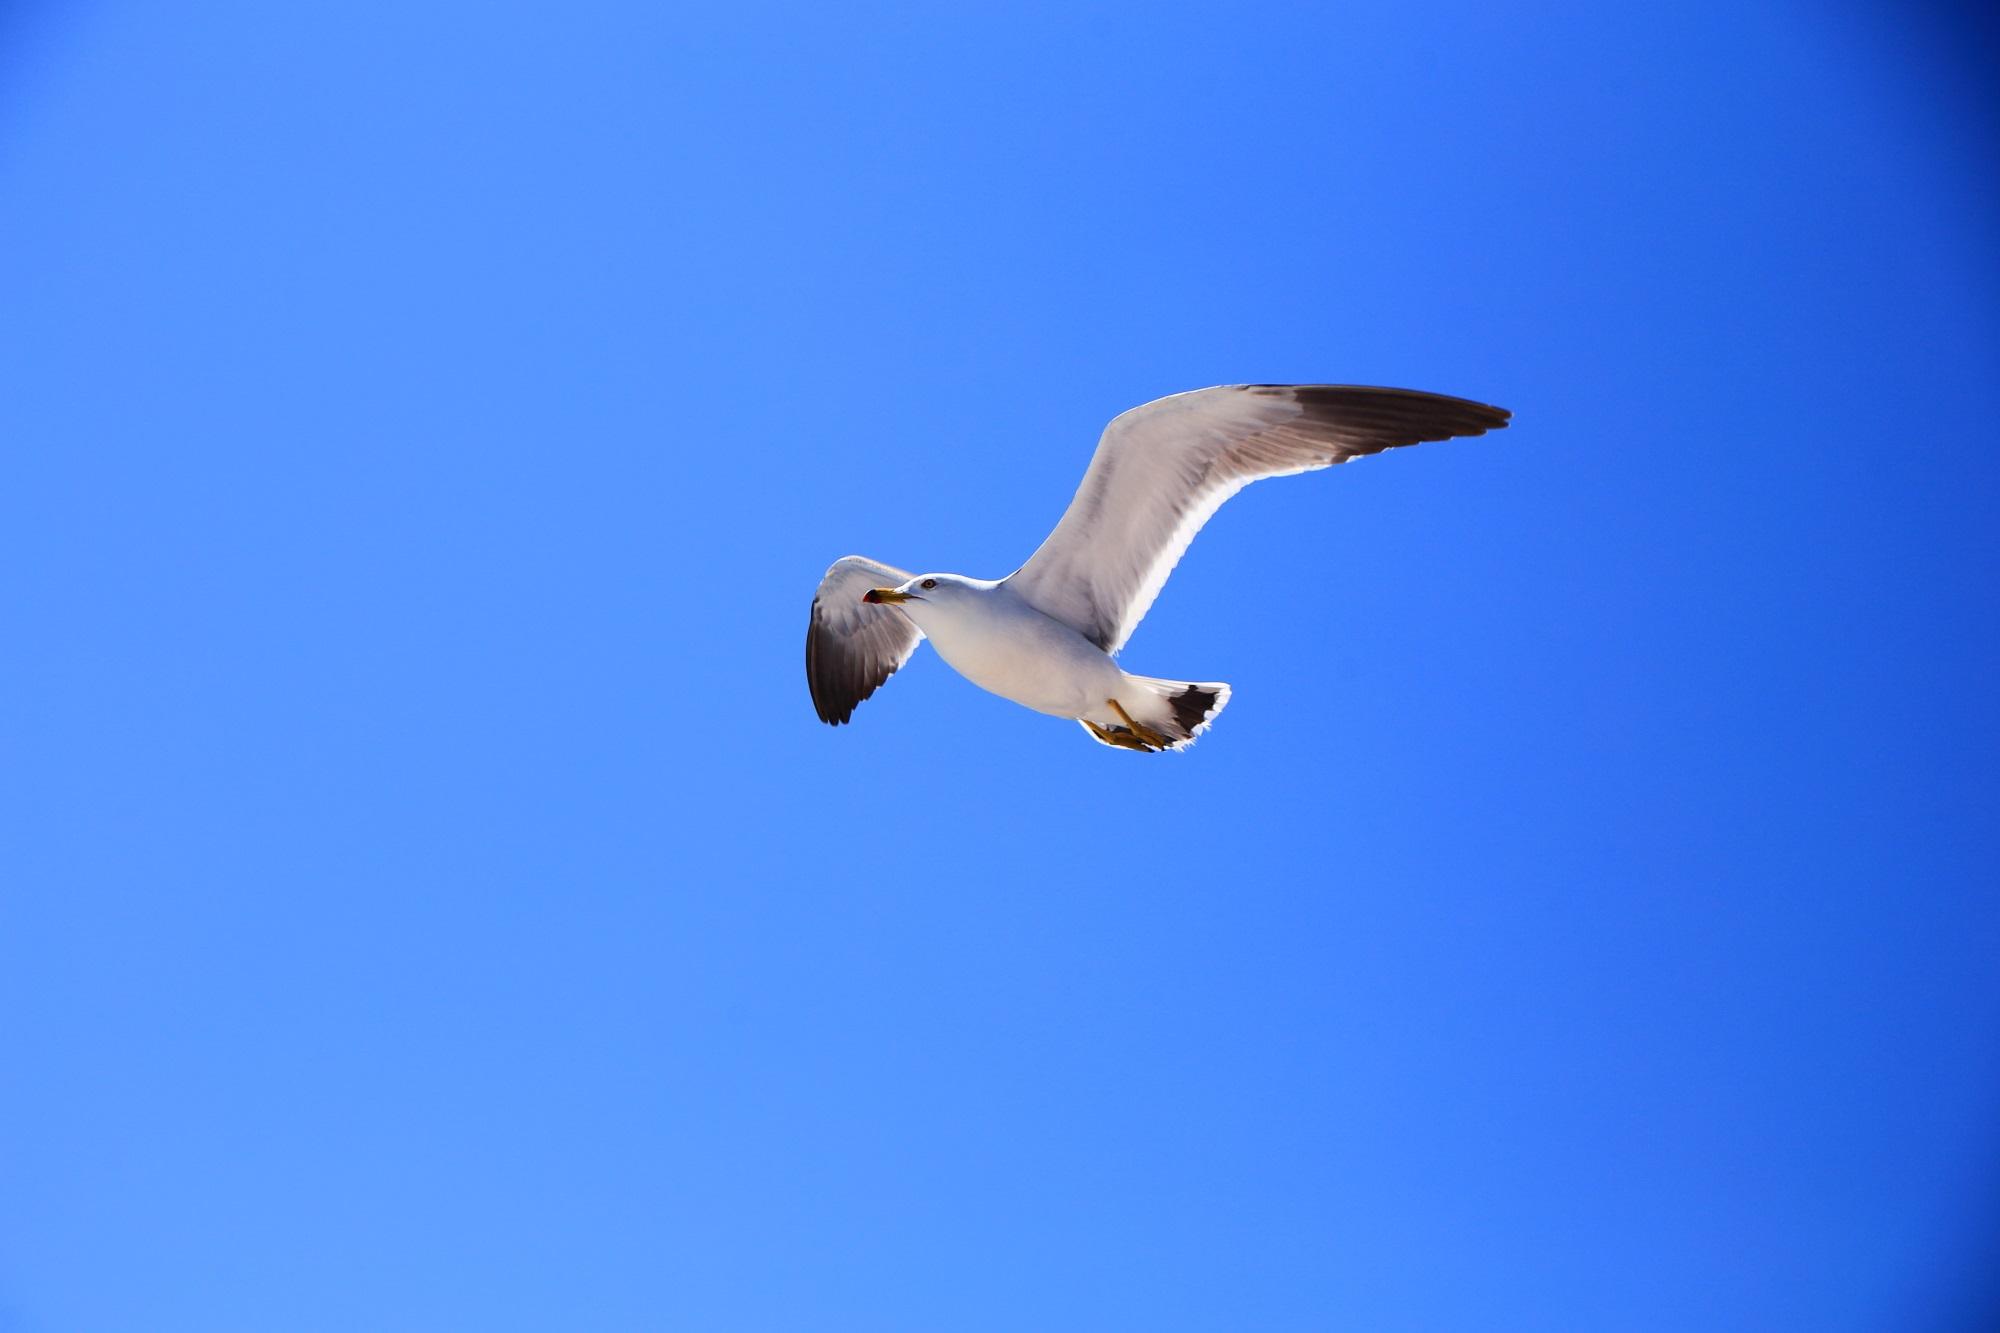 気持ち良さそうに青空を飛ぶ伊根湾のカモメさん